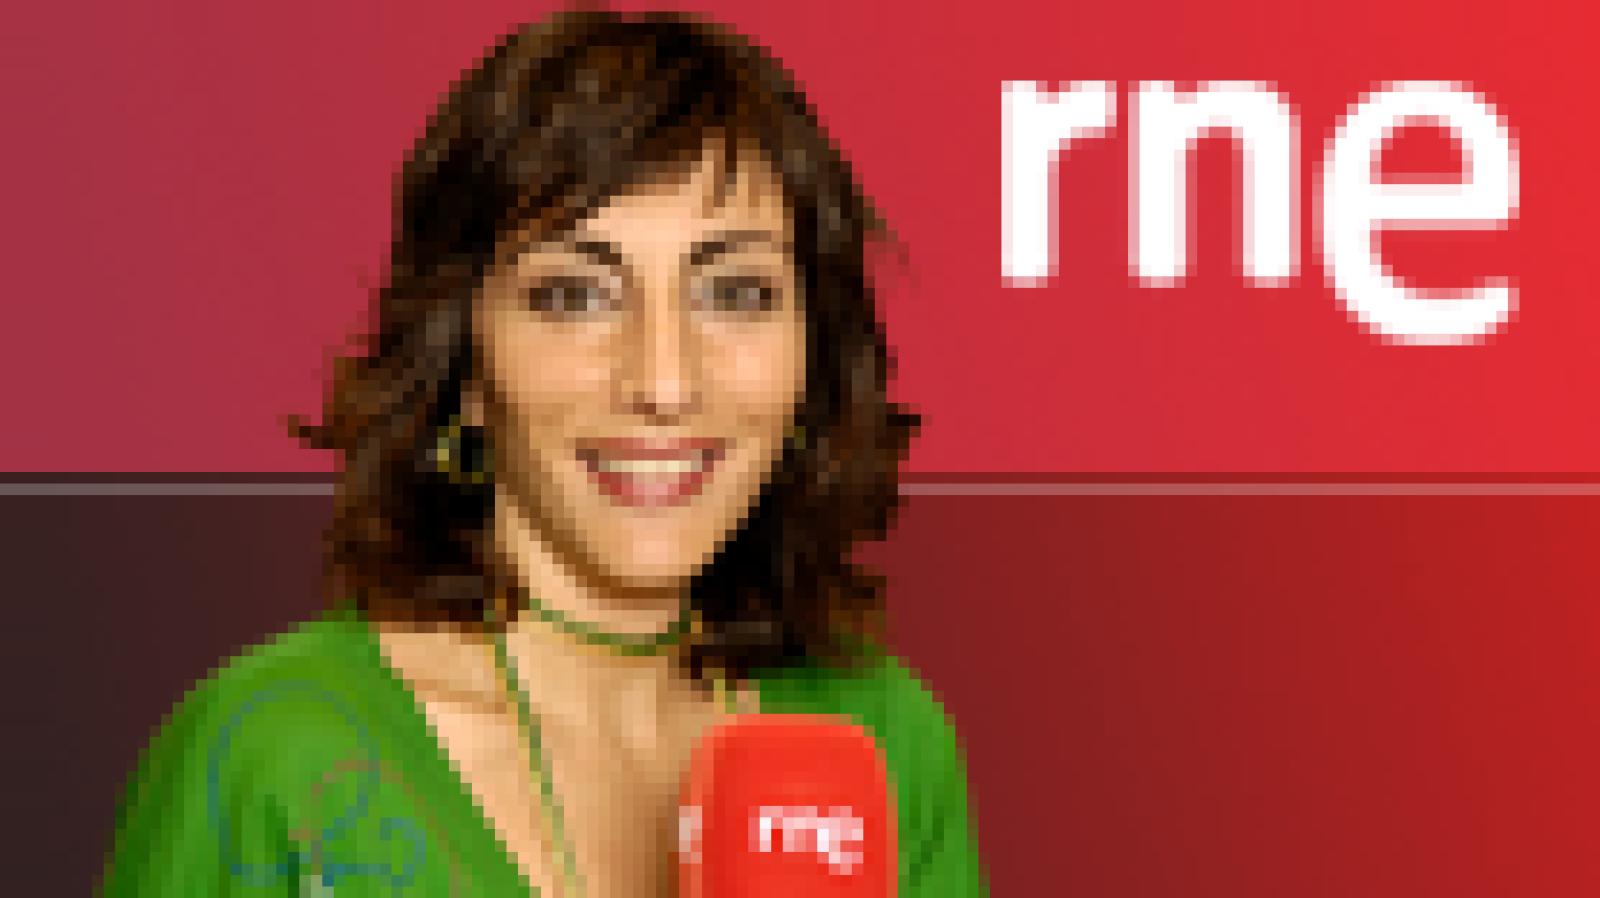 España directo - Aprender música se encarece con el nuevo curso - 14/08/12 - escuchar ahora